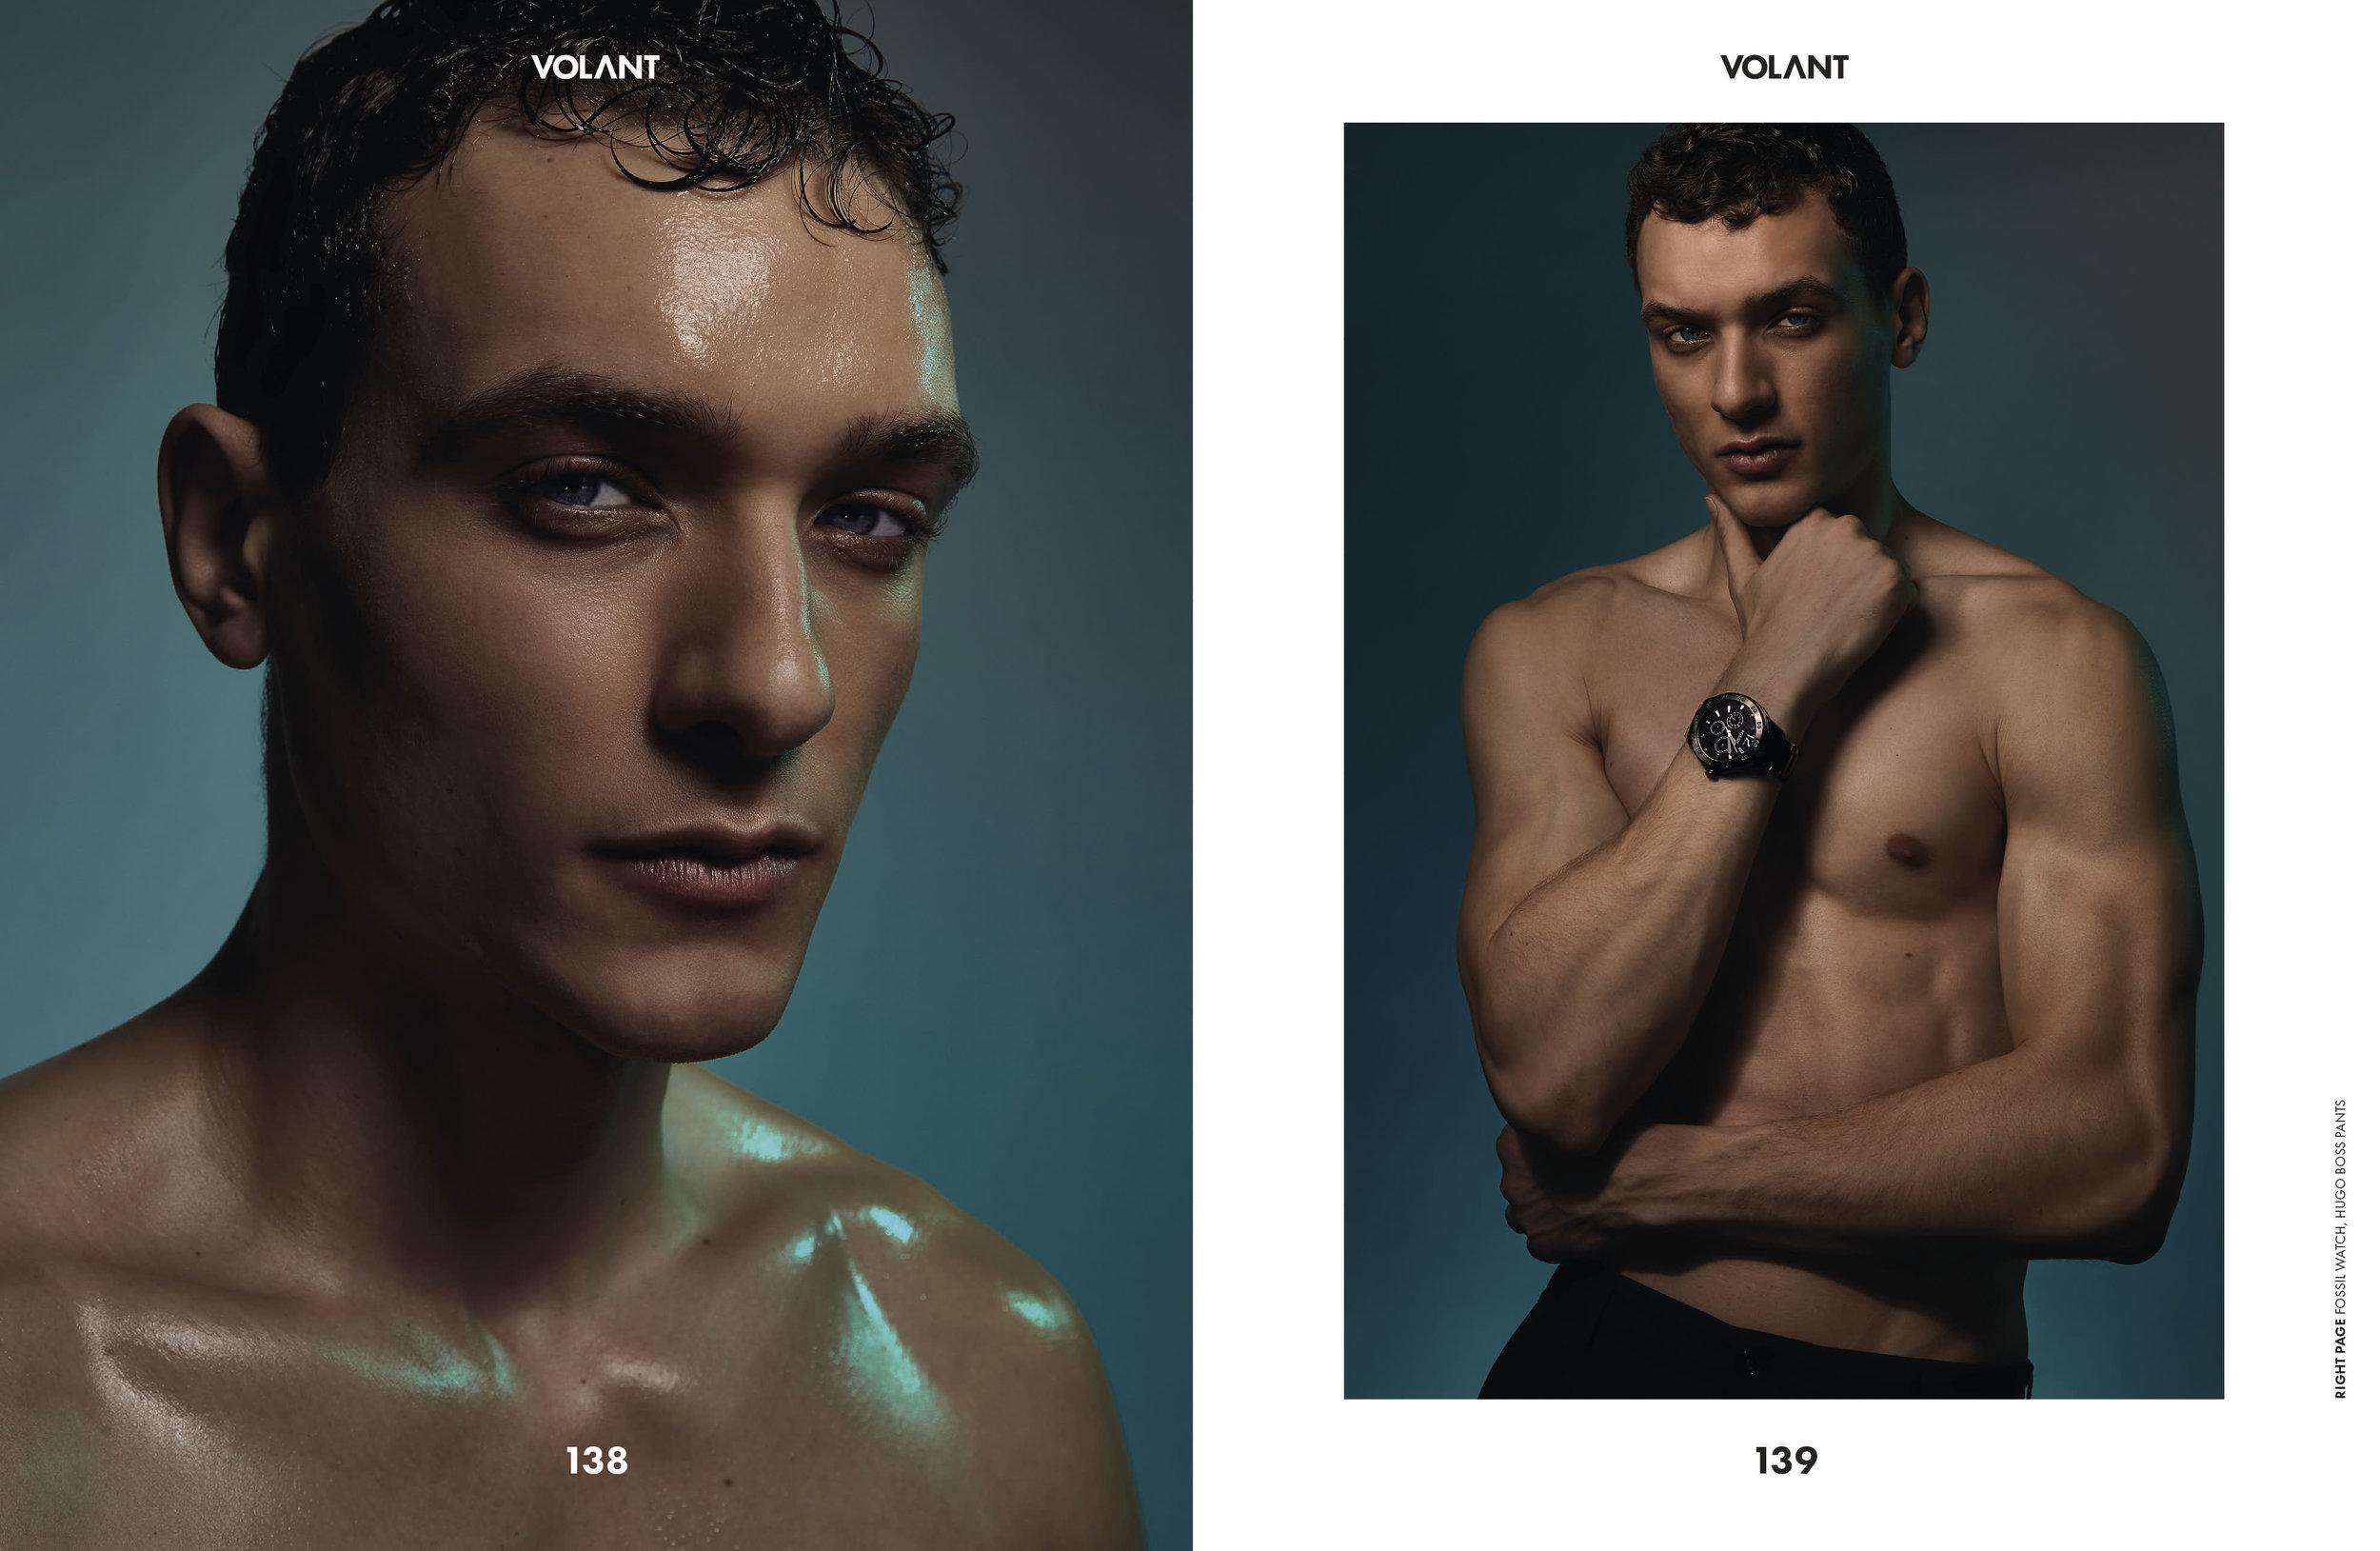 VOLANT_Homme_Desire70 copy 1.jpg